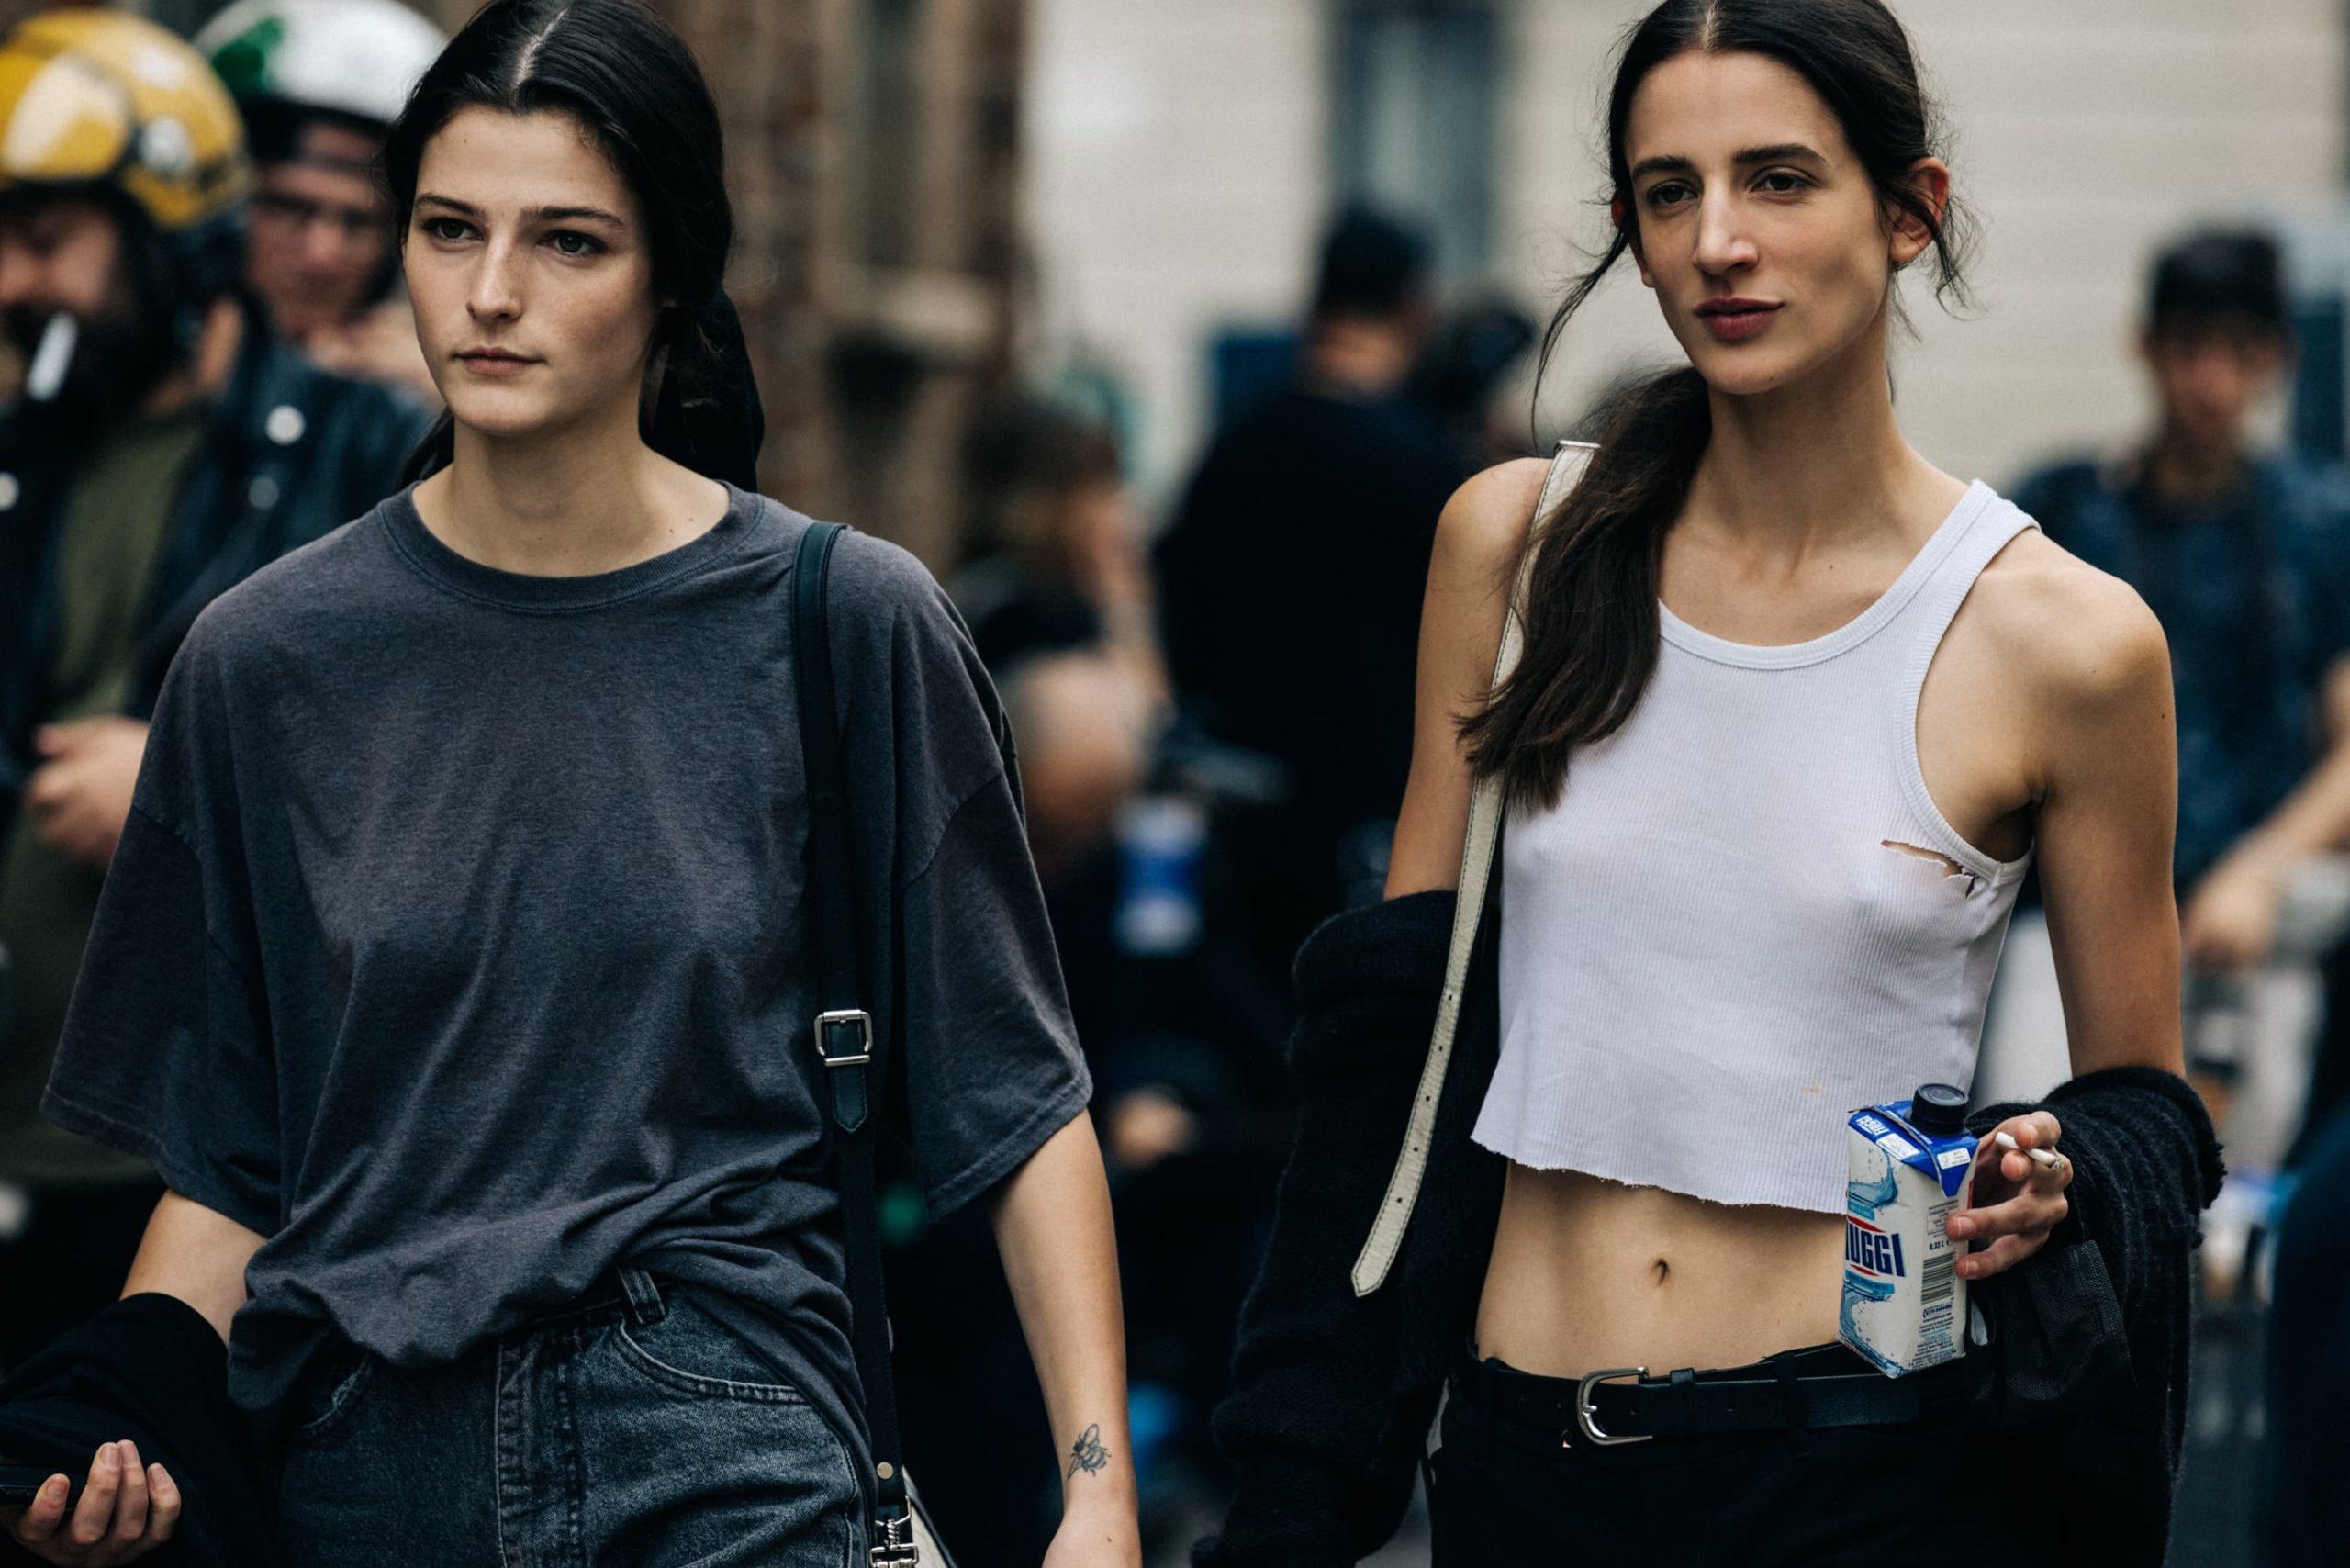 Adam-Katz-Sinding-Milan-Fashion-Week-Spring-Summer-2022